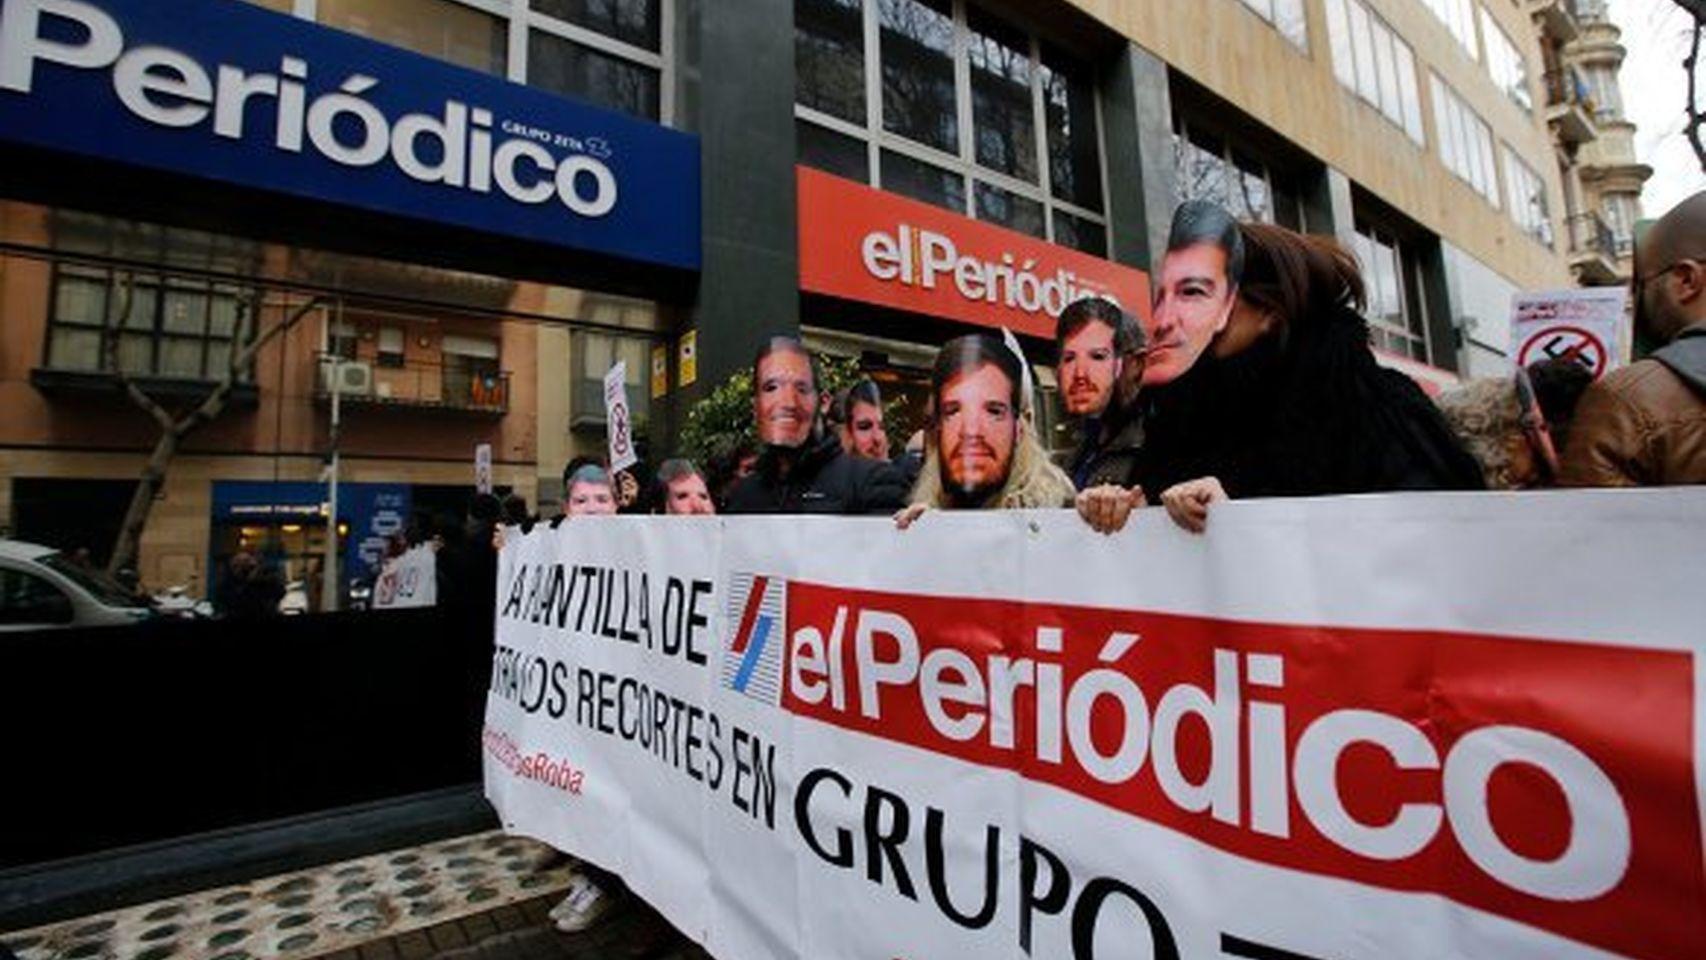 Zeta apura los plazos para cerrar el ERE y desbloquear la venta de El Periódico